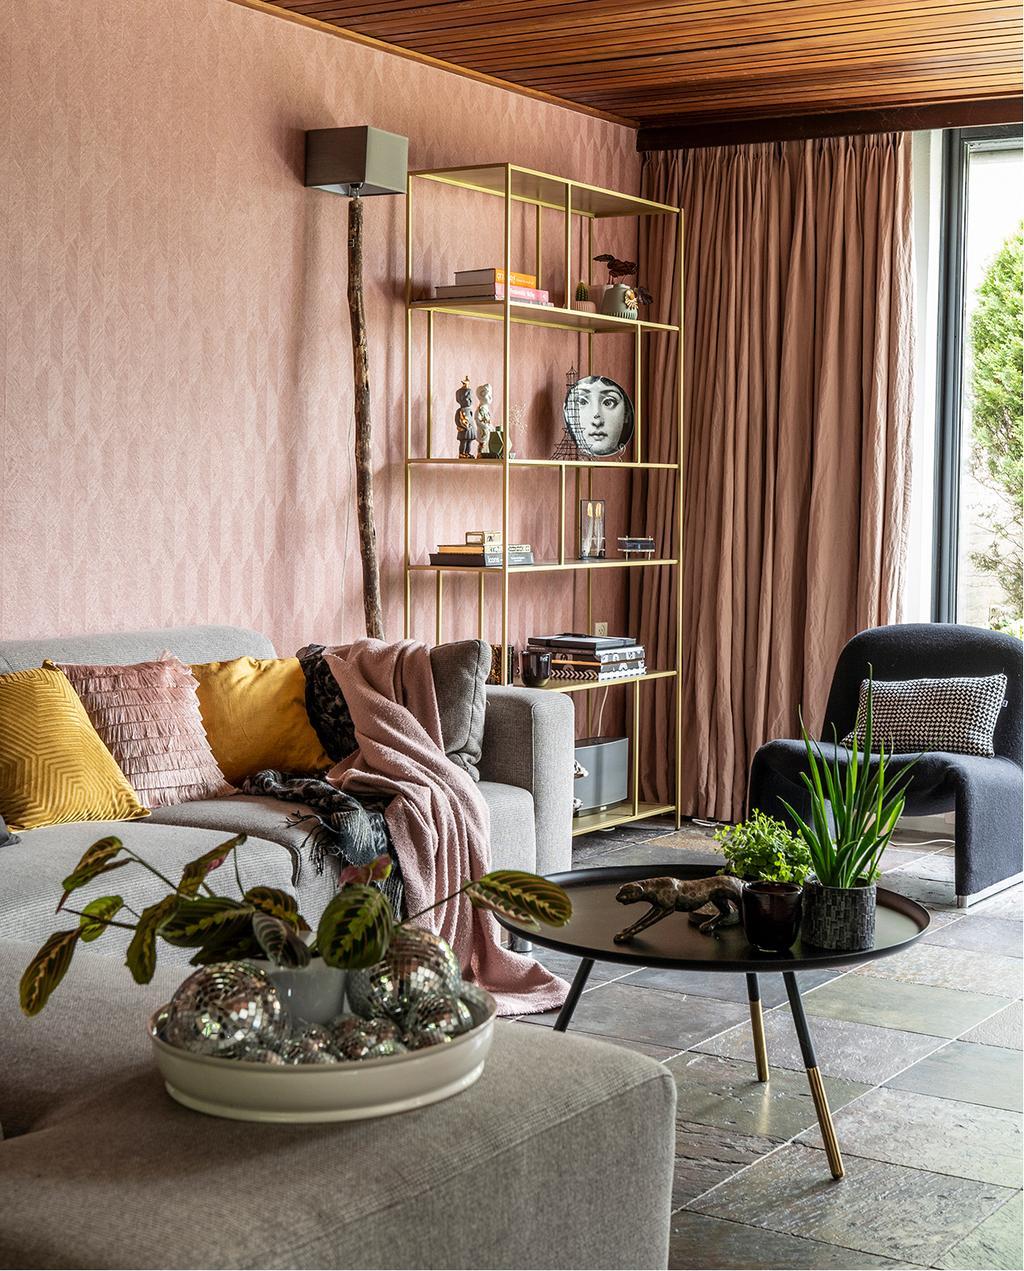 vtwonen 04-2020 | huiskamer met roze behangend en hout plafond Mierlo